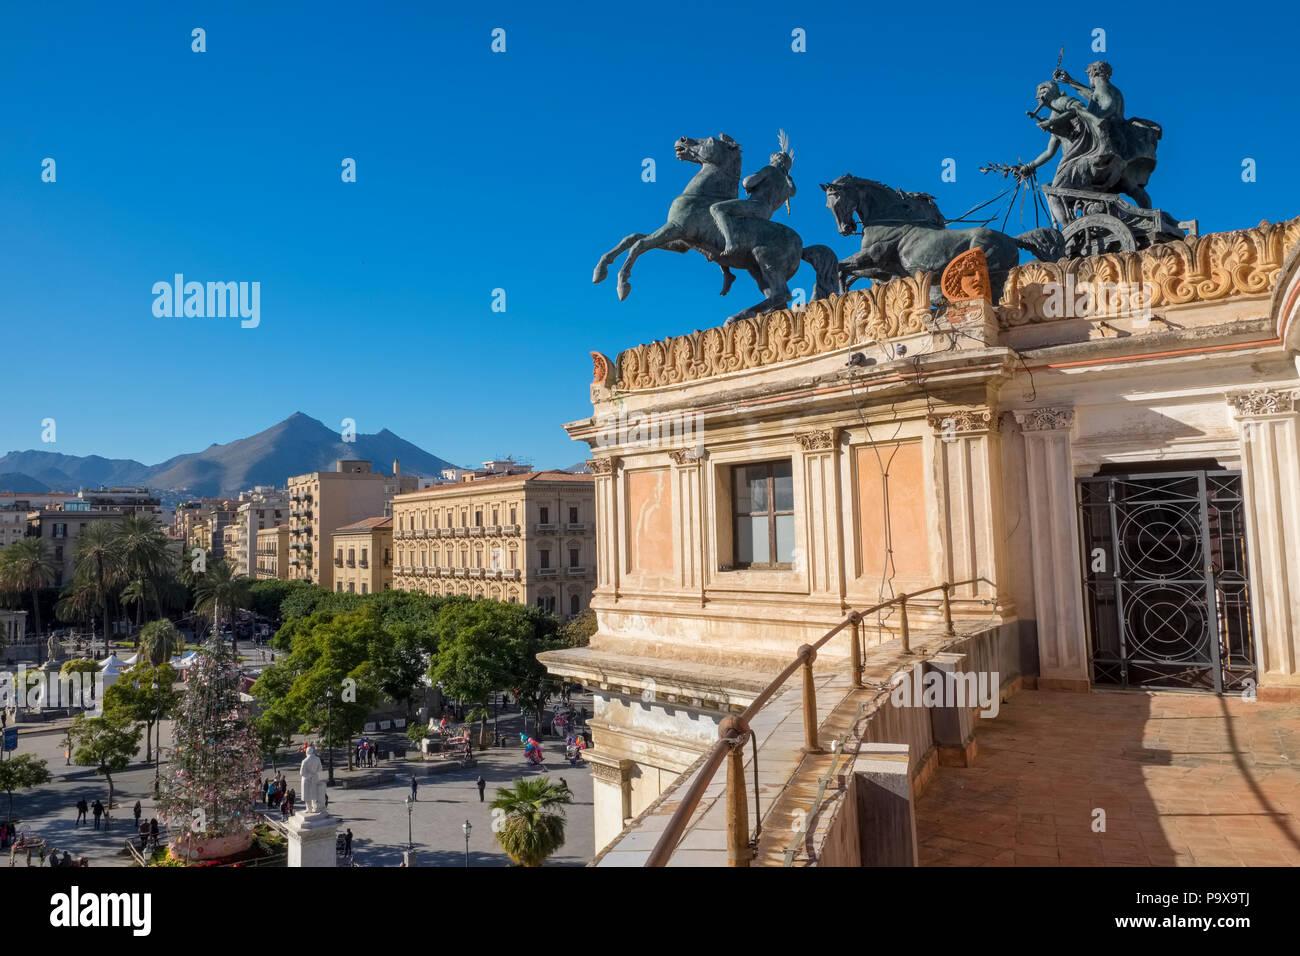 Die Aussicht vom Politeama Theater, Palermo, Sizilien, die zentrale Piazza Politeama und der bronze Quadriga auf dem Teatro Politeama Stockbild